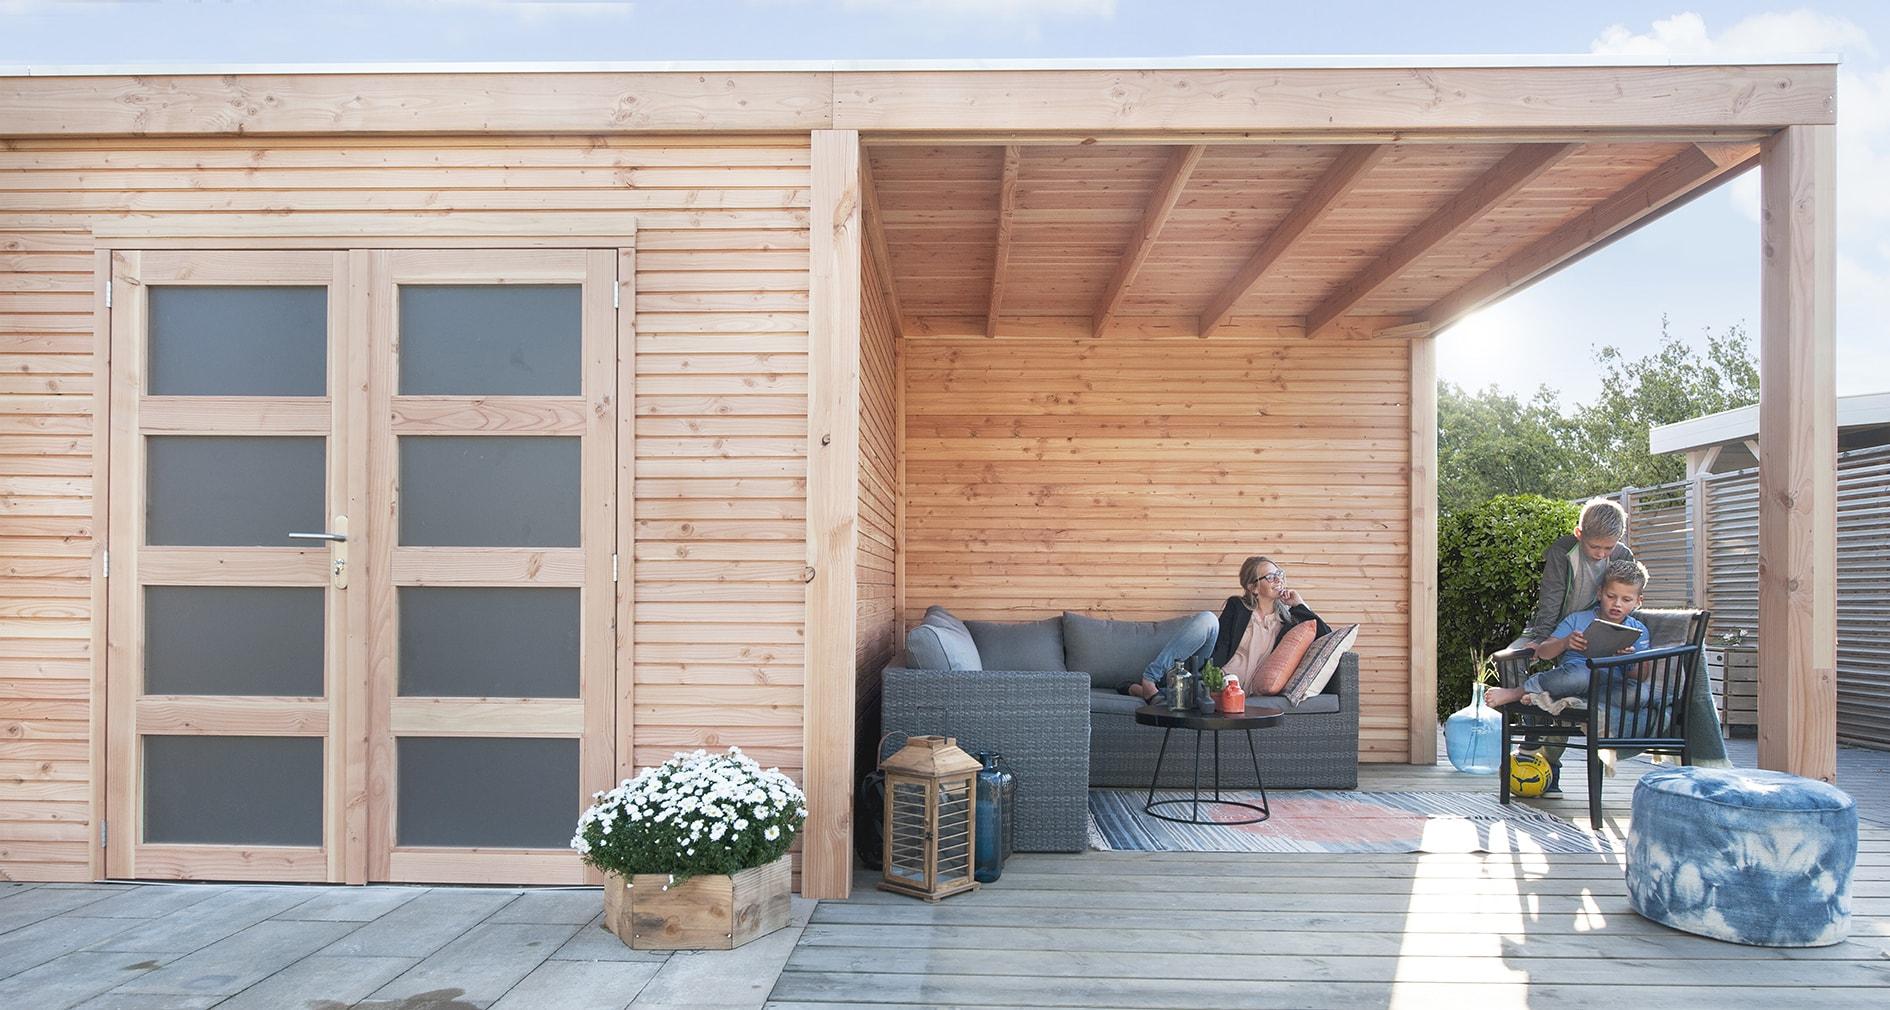 gartenhaus und ger tehaus flachdach pultdach dakota sd kaufen. Black Bedroom Furniture Sets. Home Design Ideas